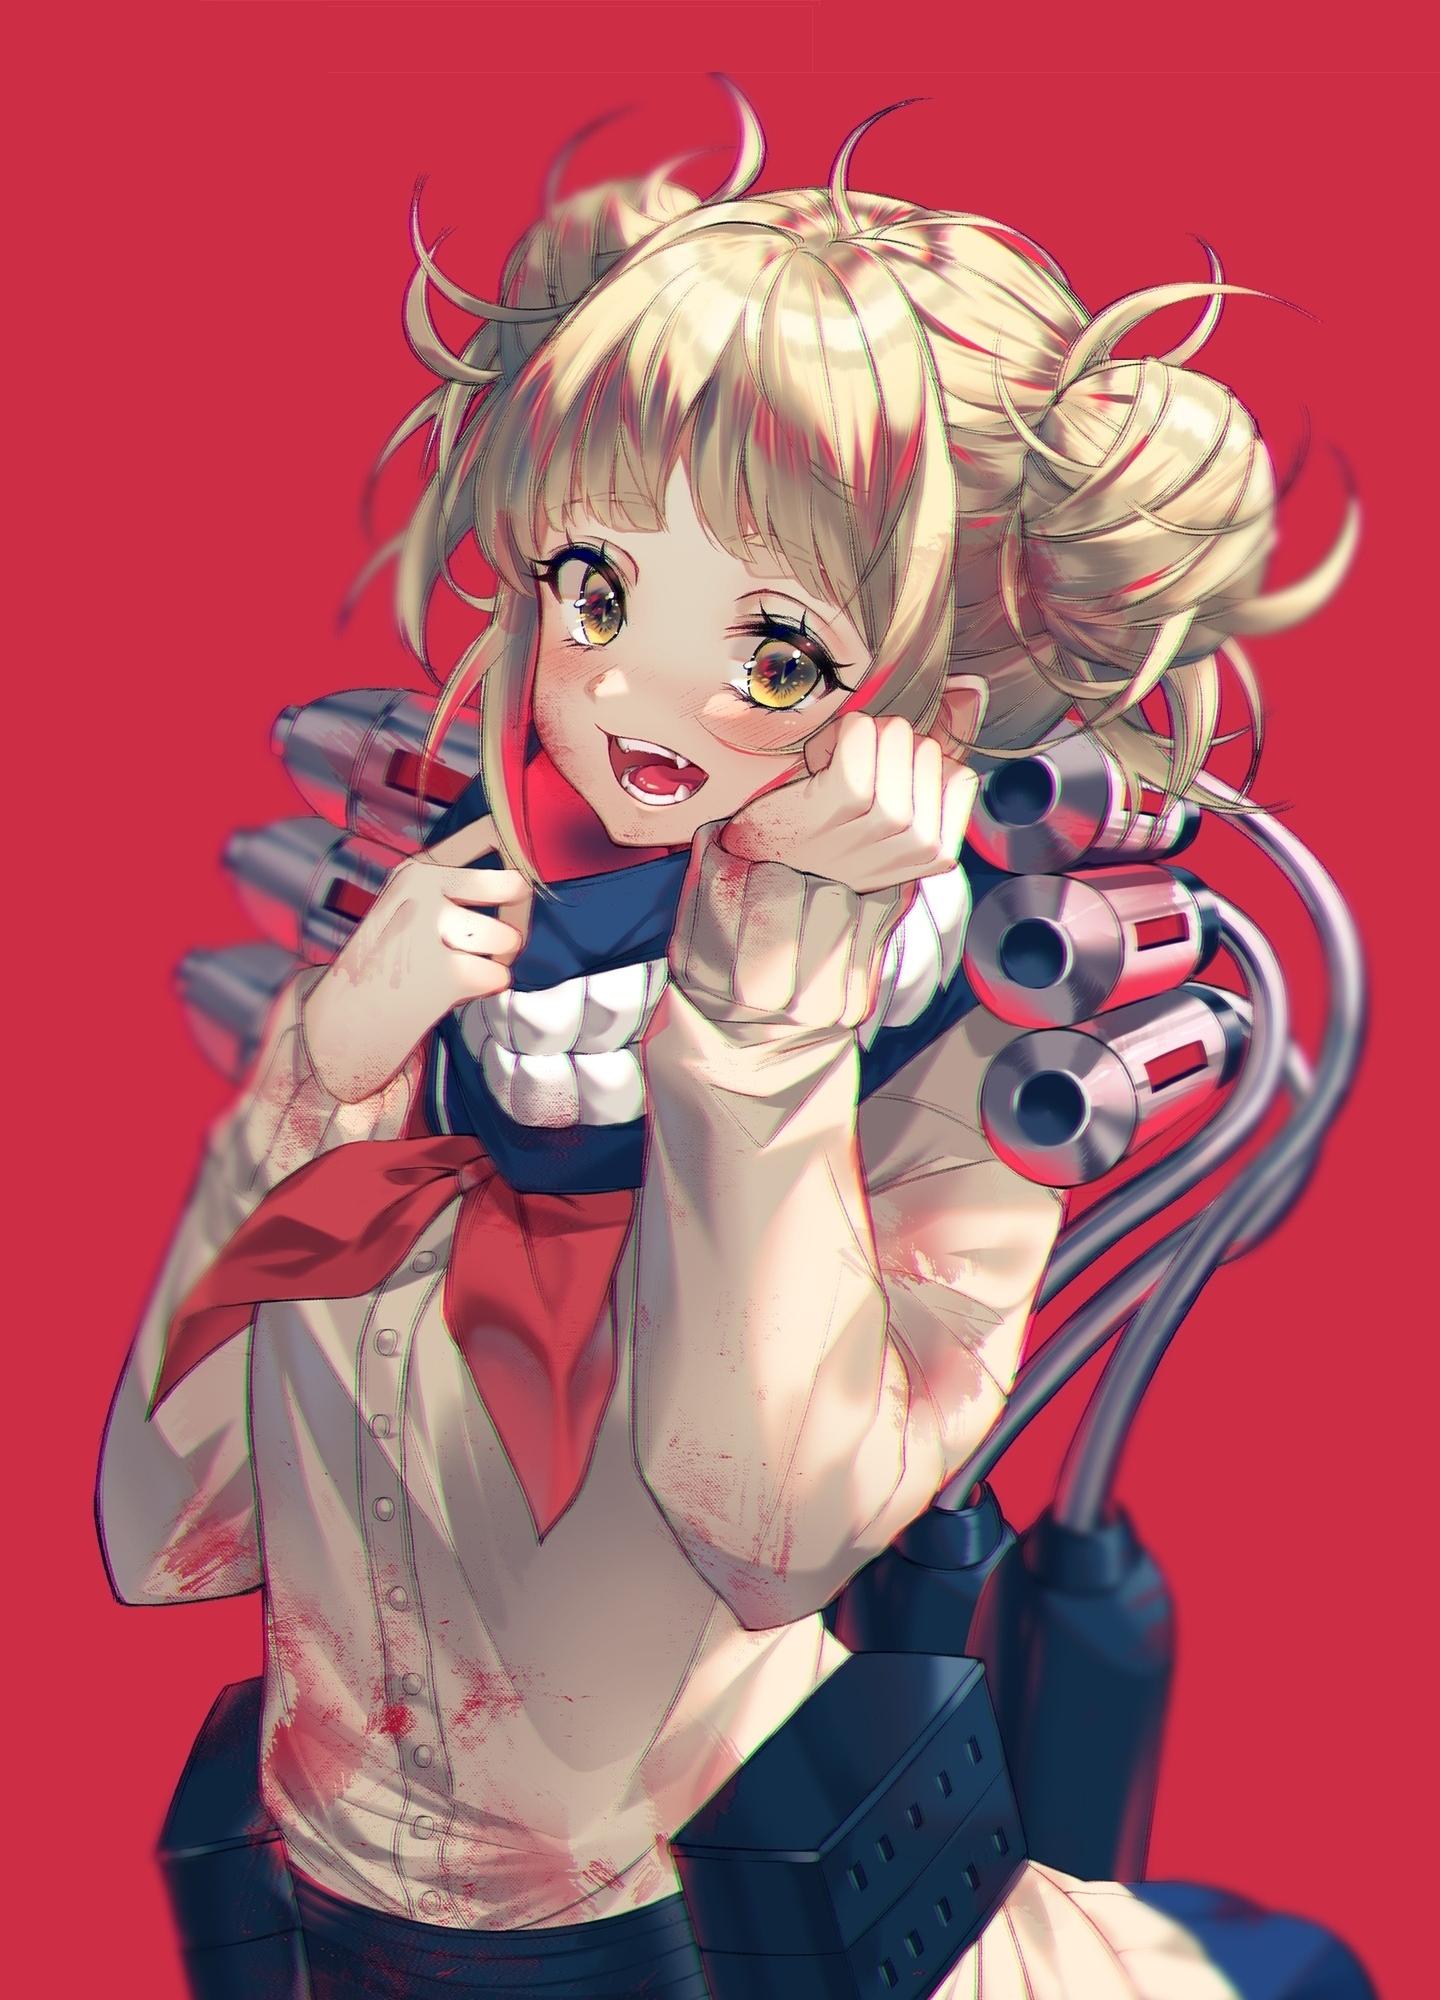 Download 1440x2560 Wallpaper Himiko Toga Boku No Hero